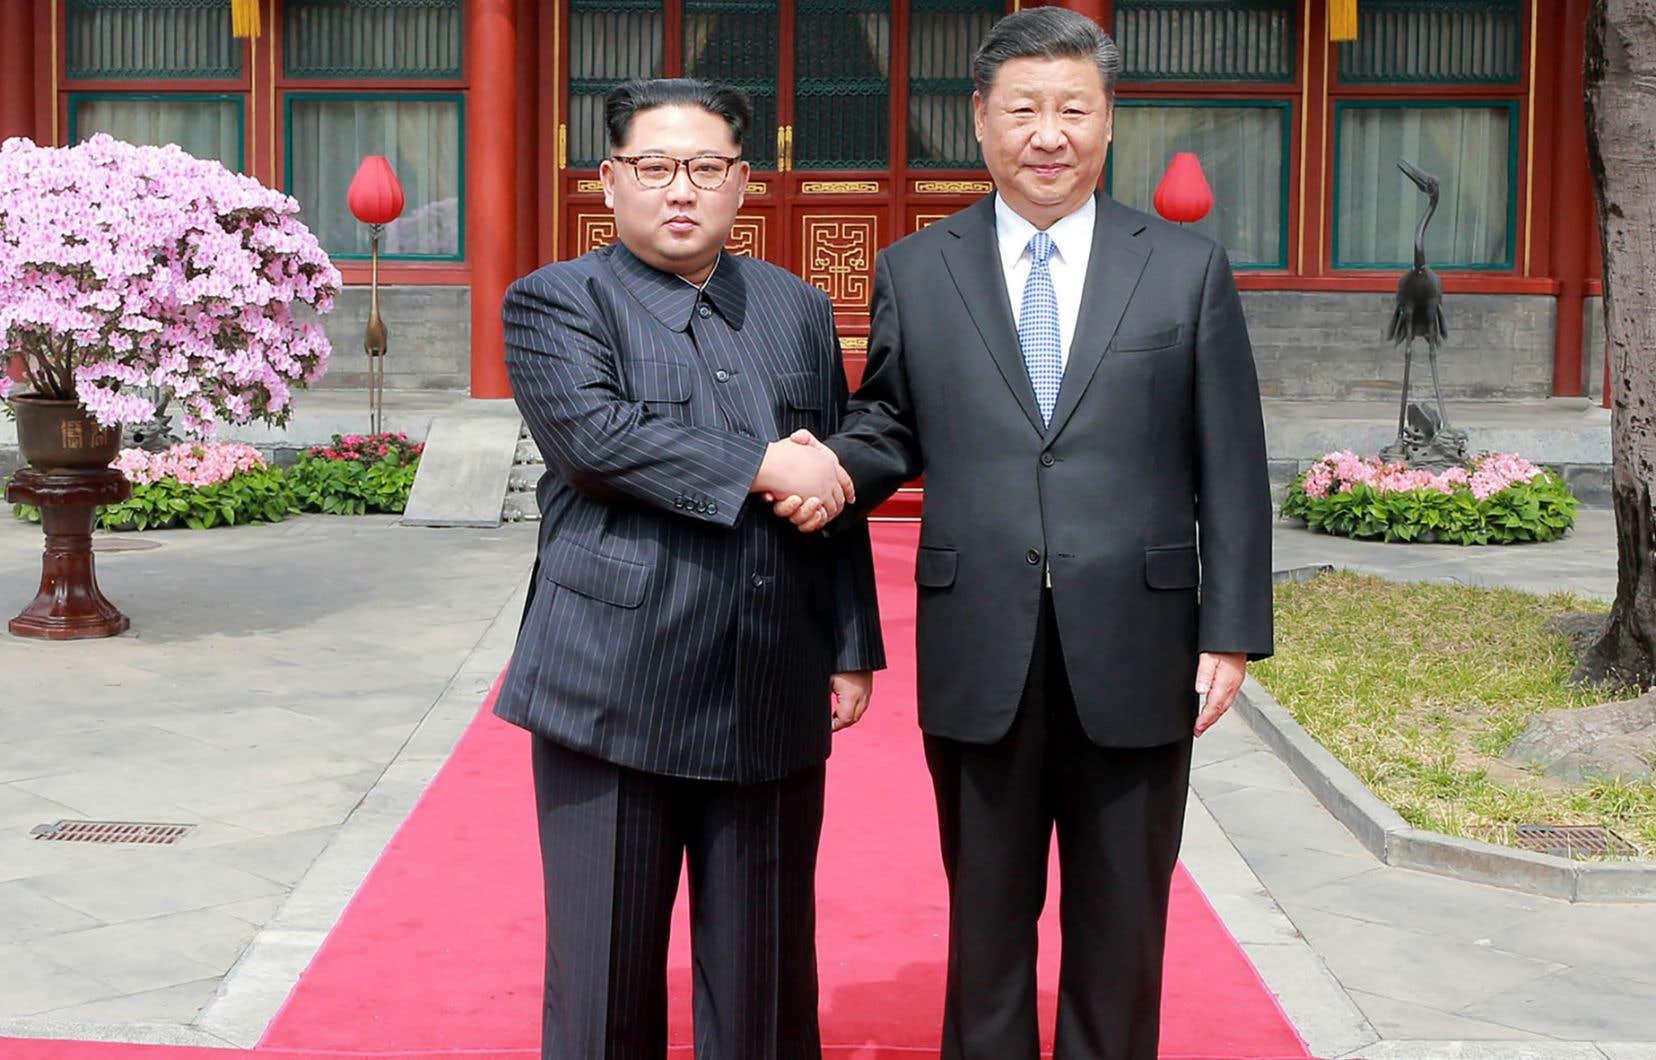 Kim Jong-un a été accueilli en grande pompe à Pékin pour sa première visite — secrète — en Chine.